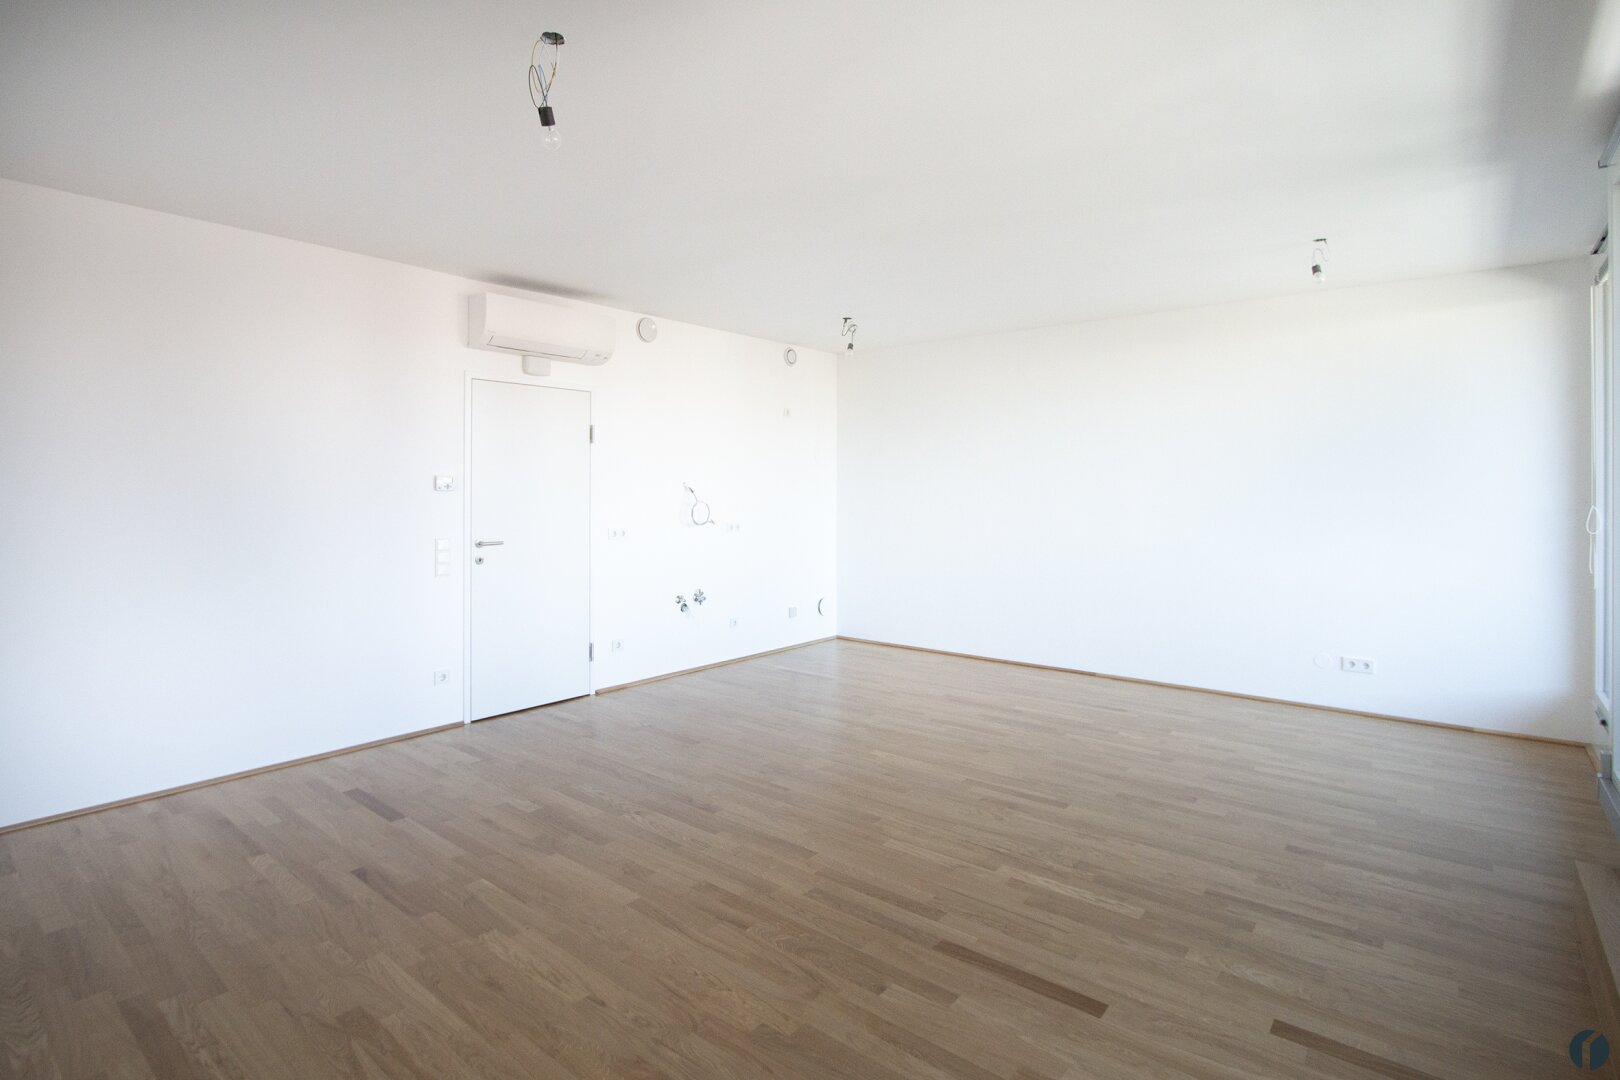 Wohn-Essraum mit Küchenbereich